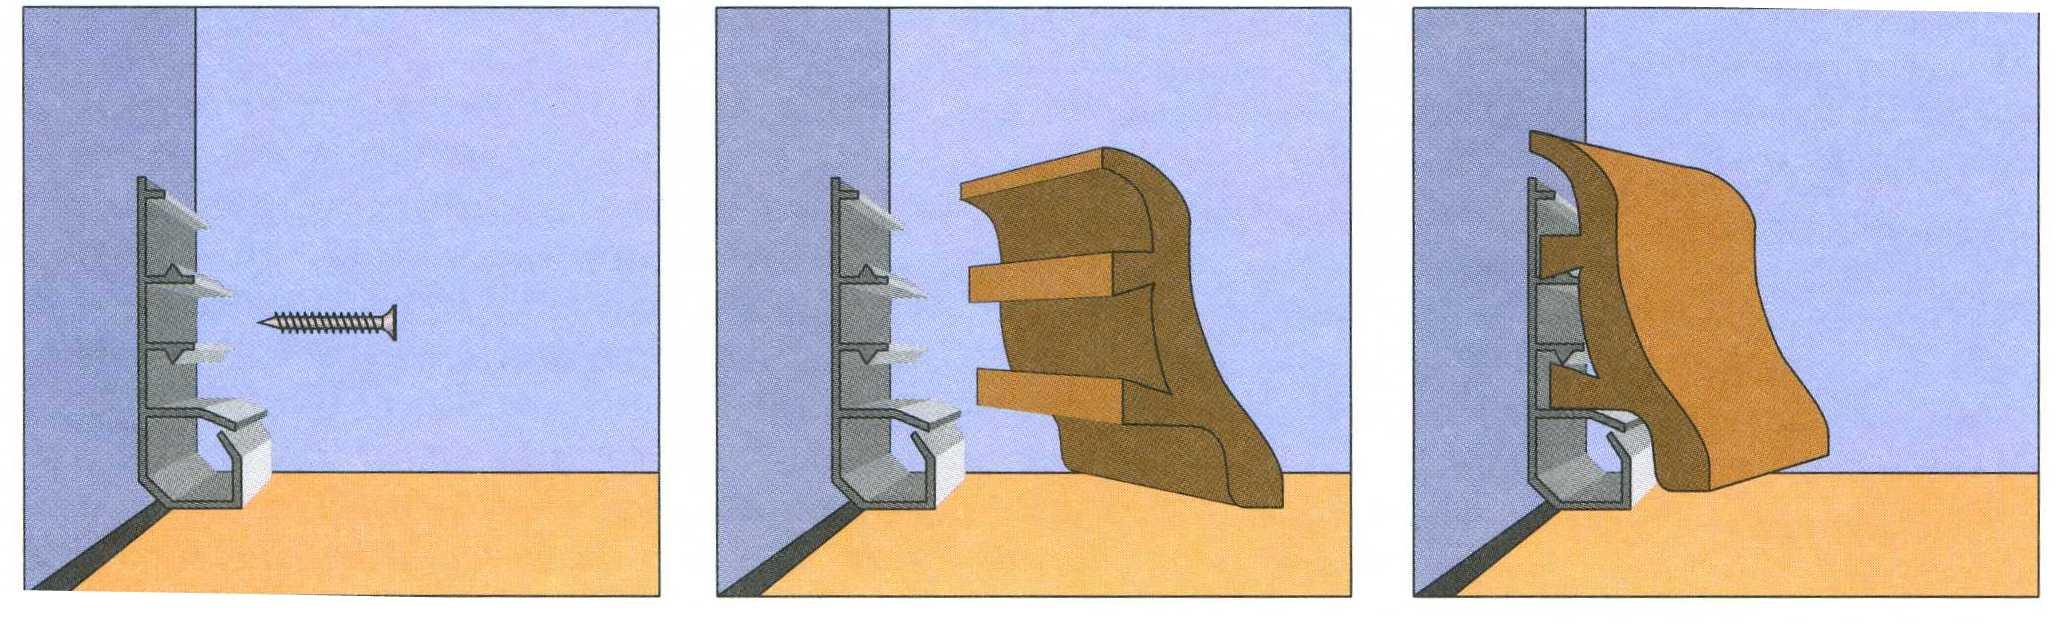 Как установить напольный плинтус на клей